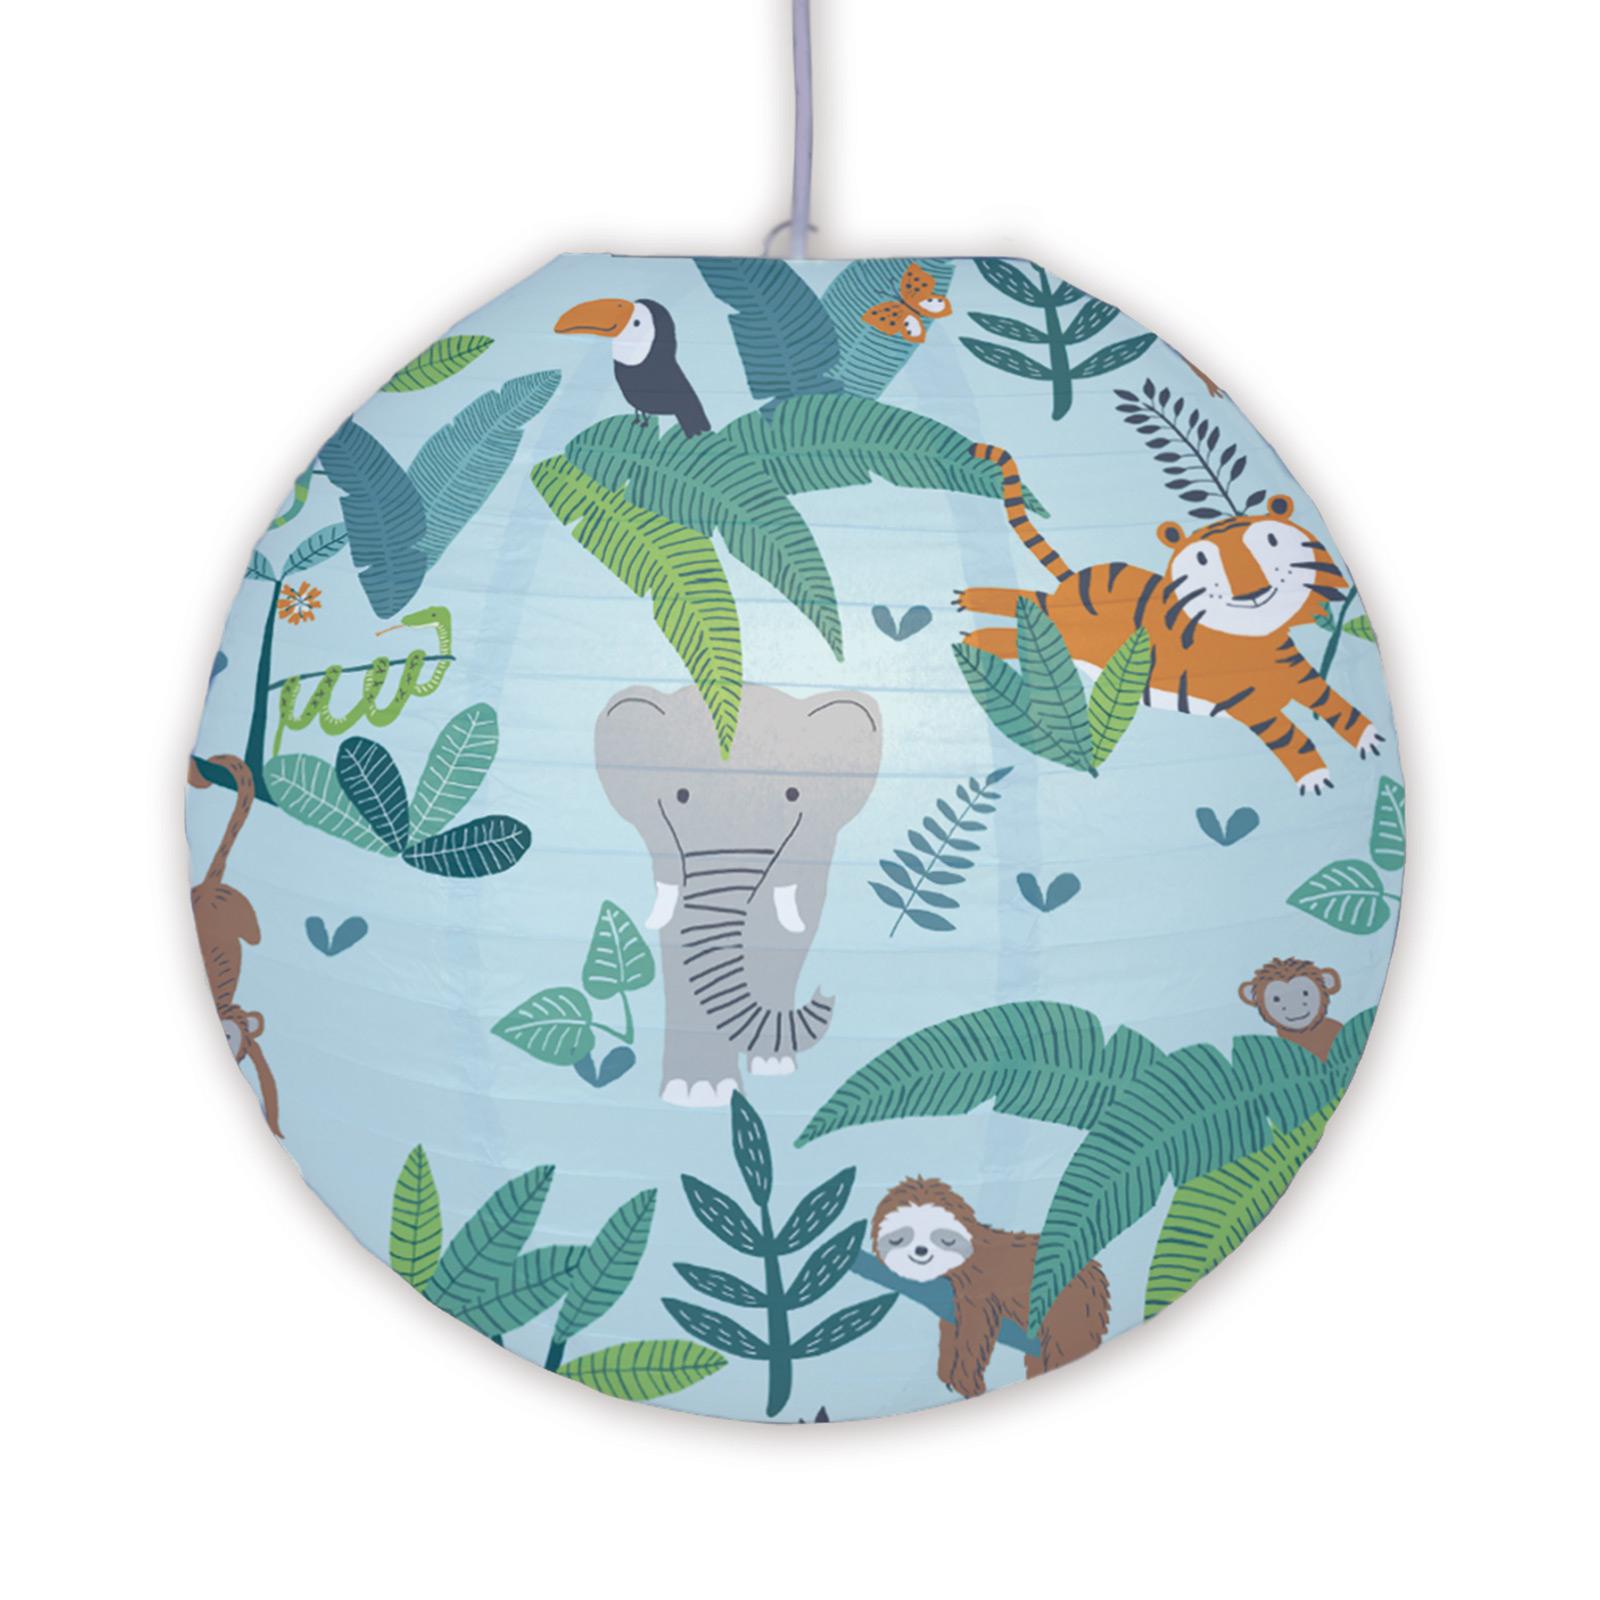 Hanglamp 4117002 motief jungledieren